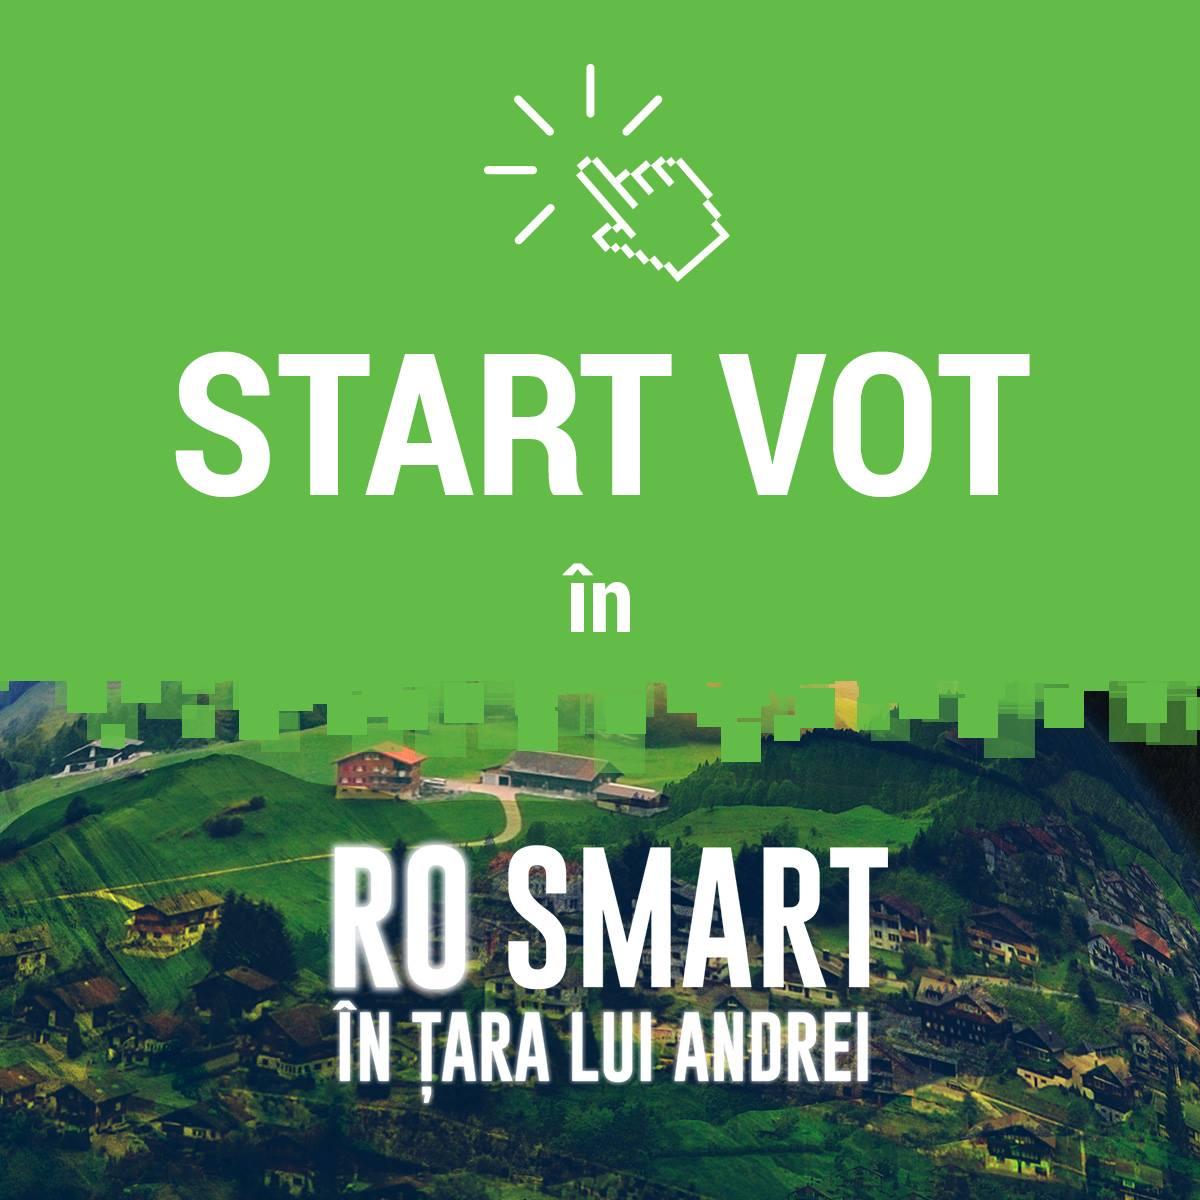 Votează proiectele care vor schimba România prin tehnologie în competiția RO SMART în Țara lui Andrei!